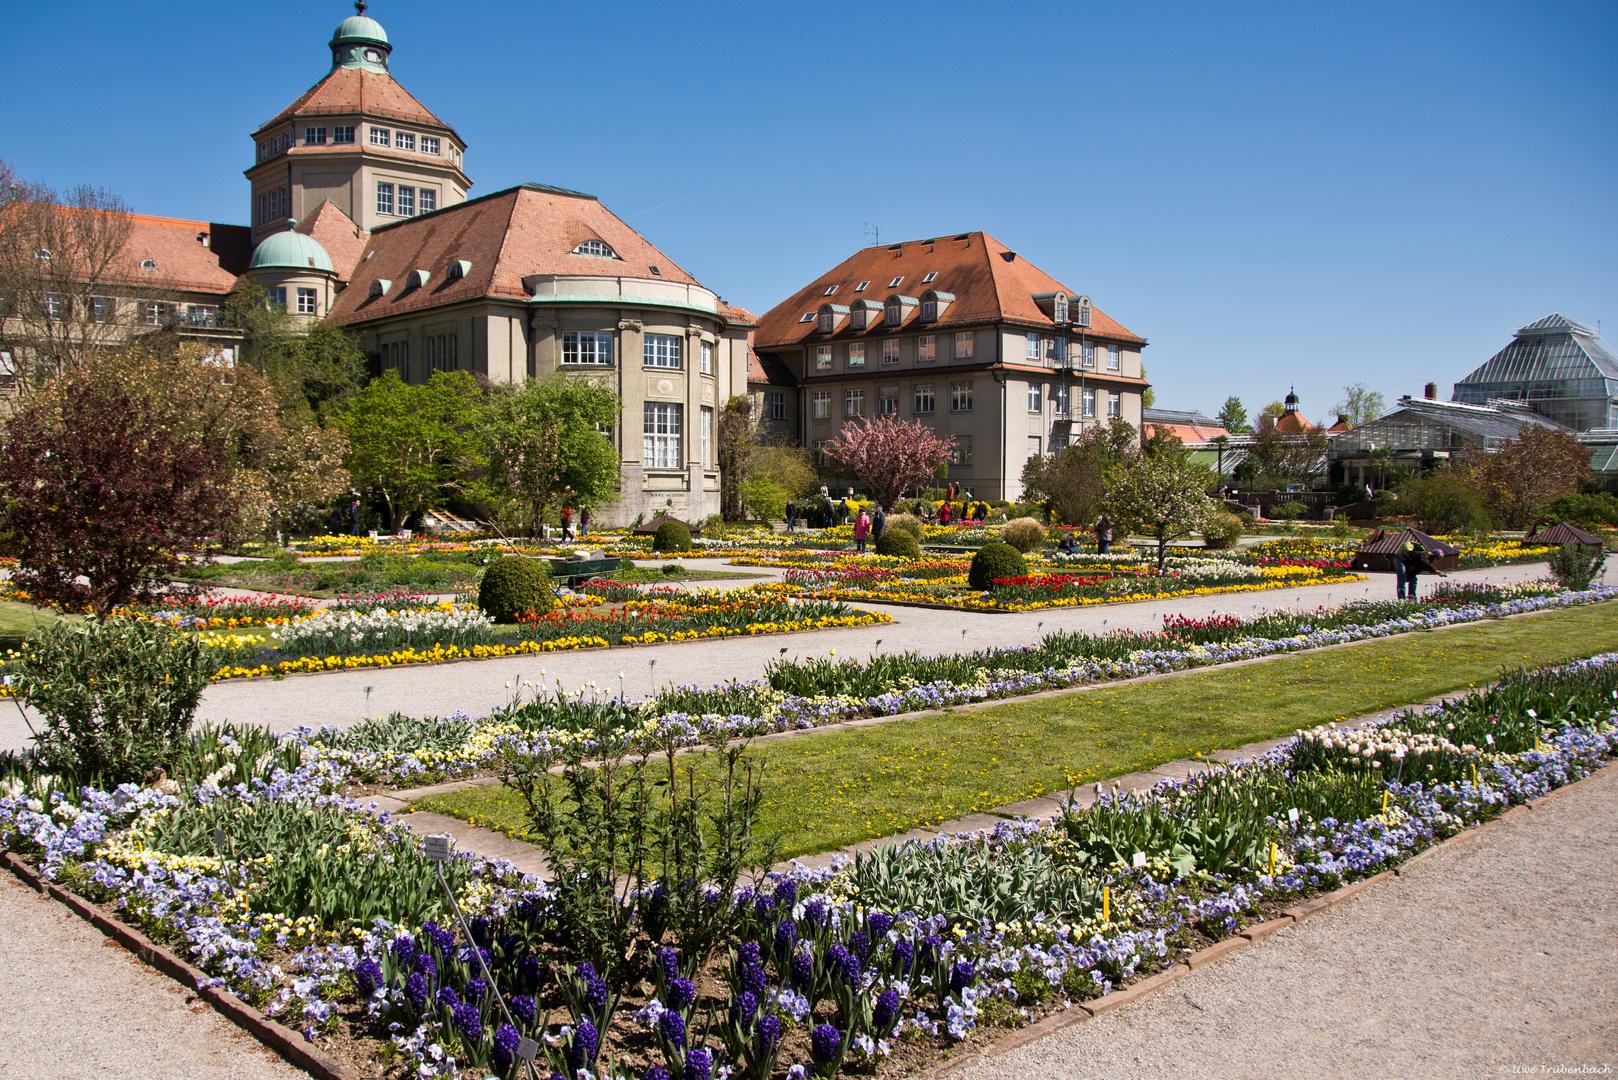 Der Botanische Garten in München - Nymphenburg (1)